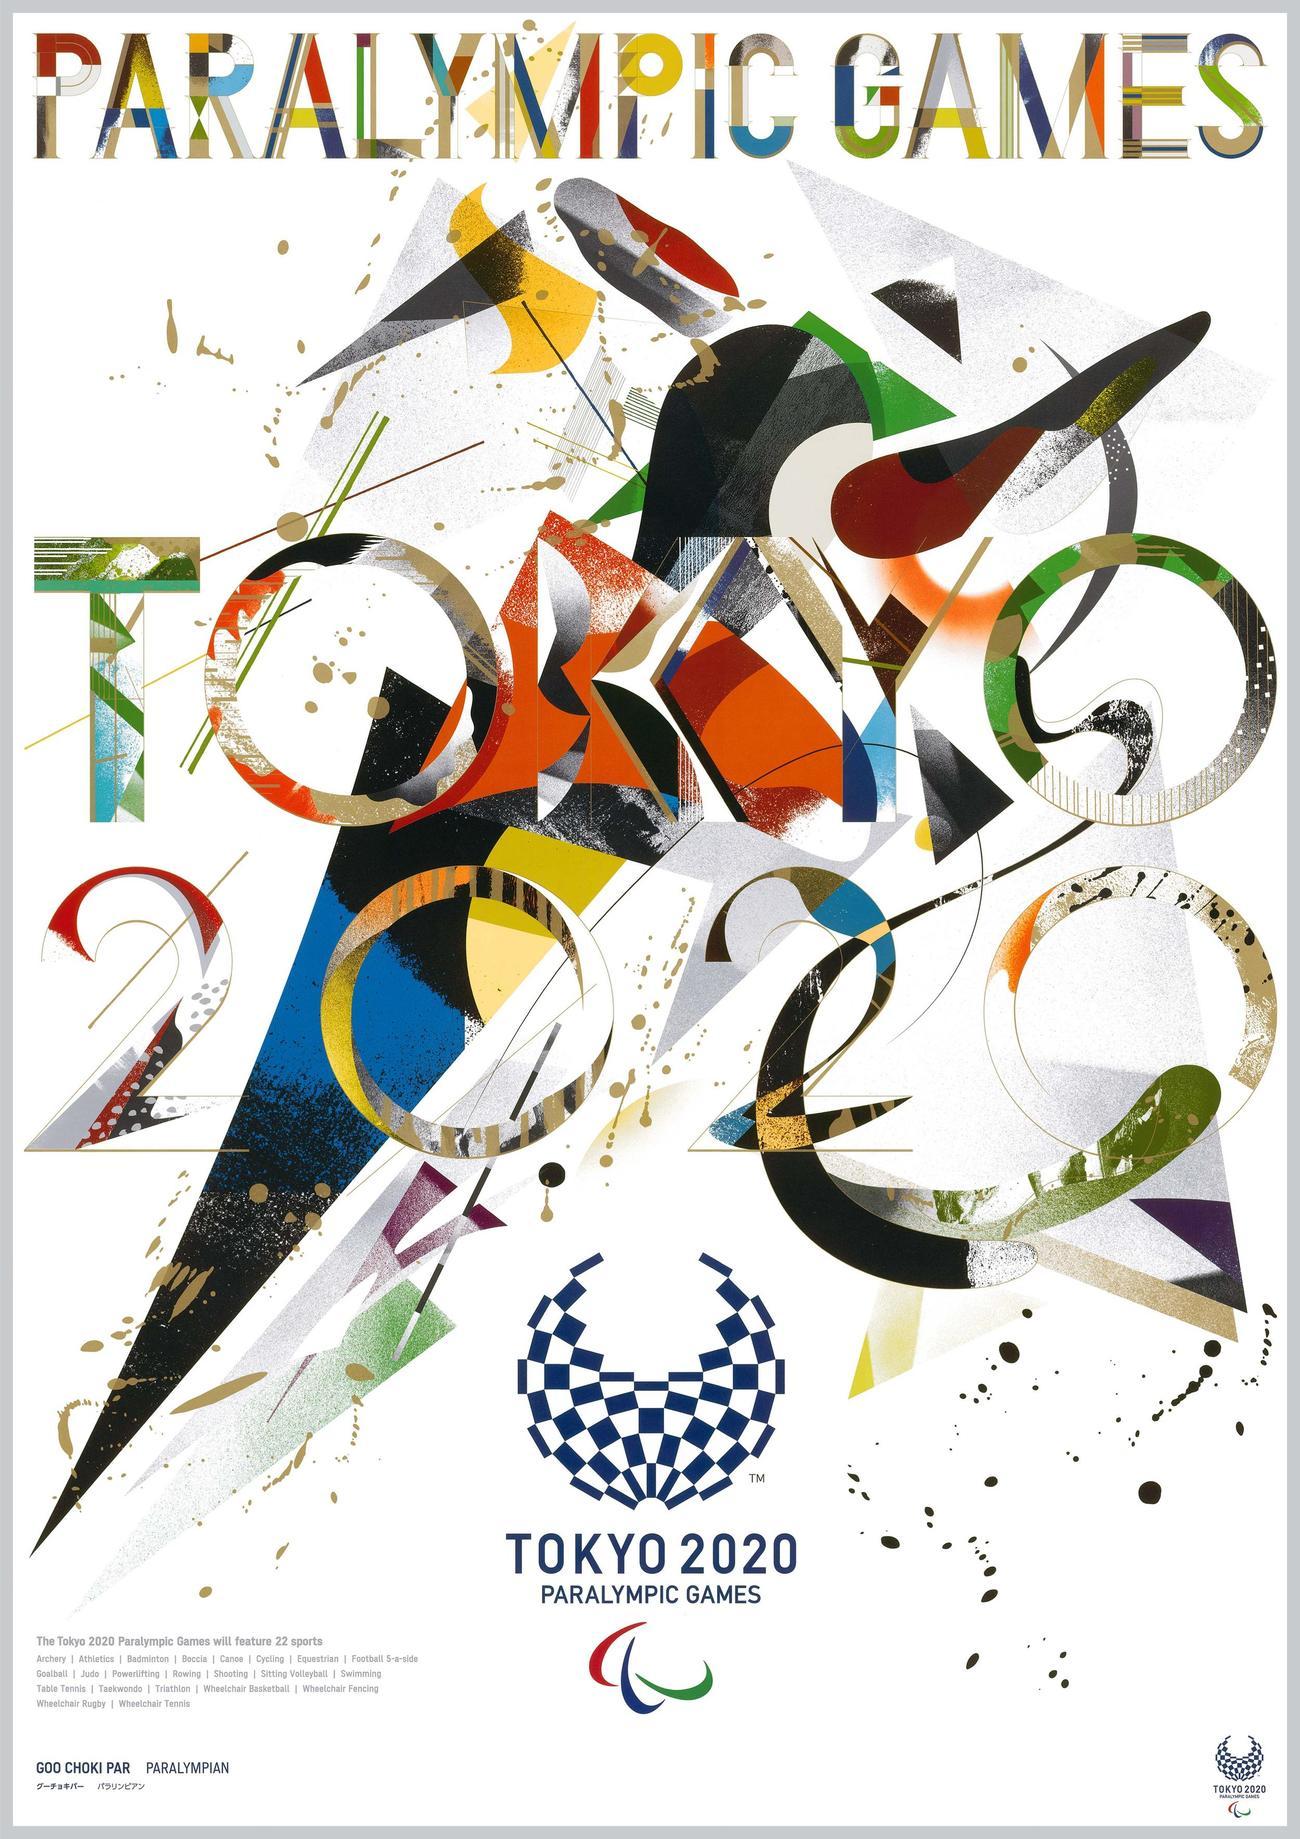 グラフィックデザイナーGOO CHOKI PARが手掛けたパラリンピックをテーマにした作品「パラリンピアン」@Tokyo2020